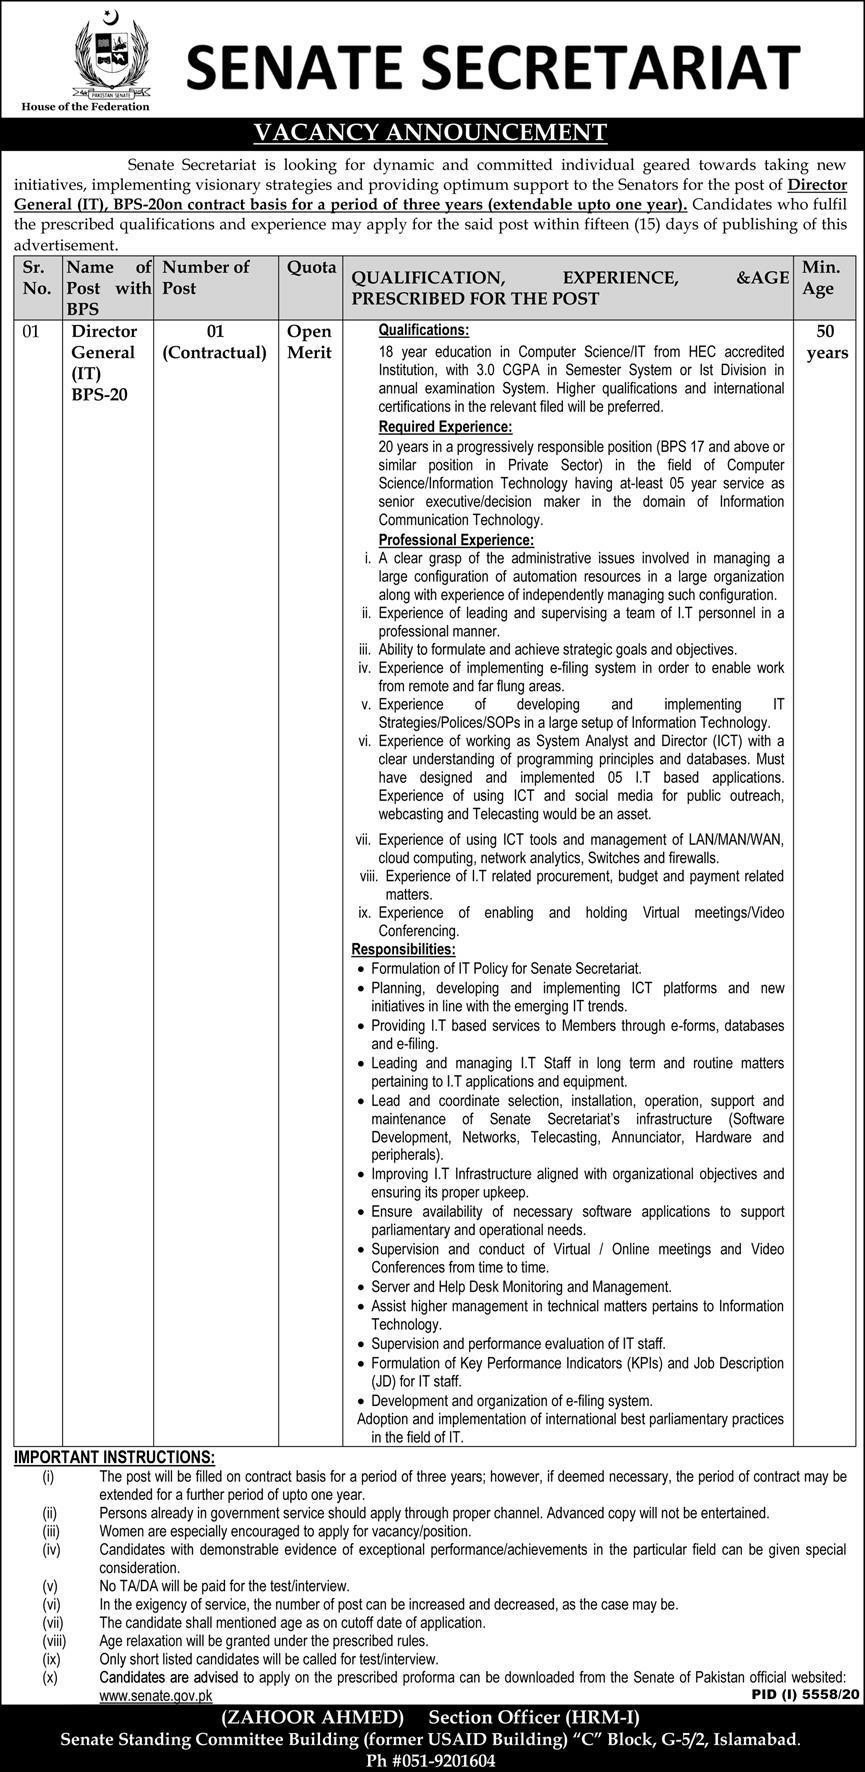 Senate Secretariat New Job 2021 For Director General IT in Islamabad